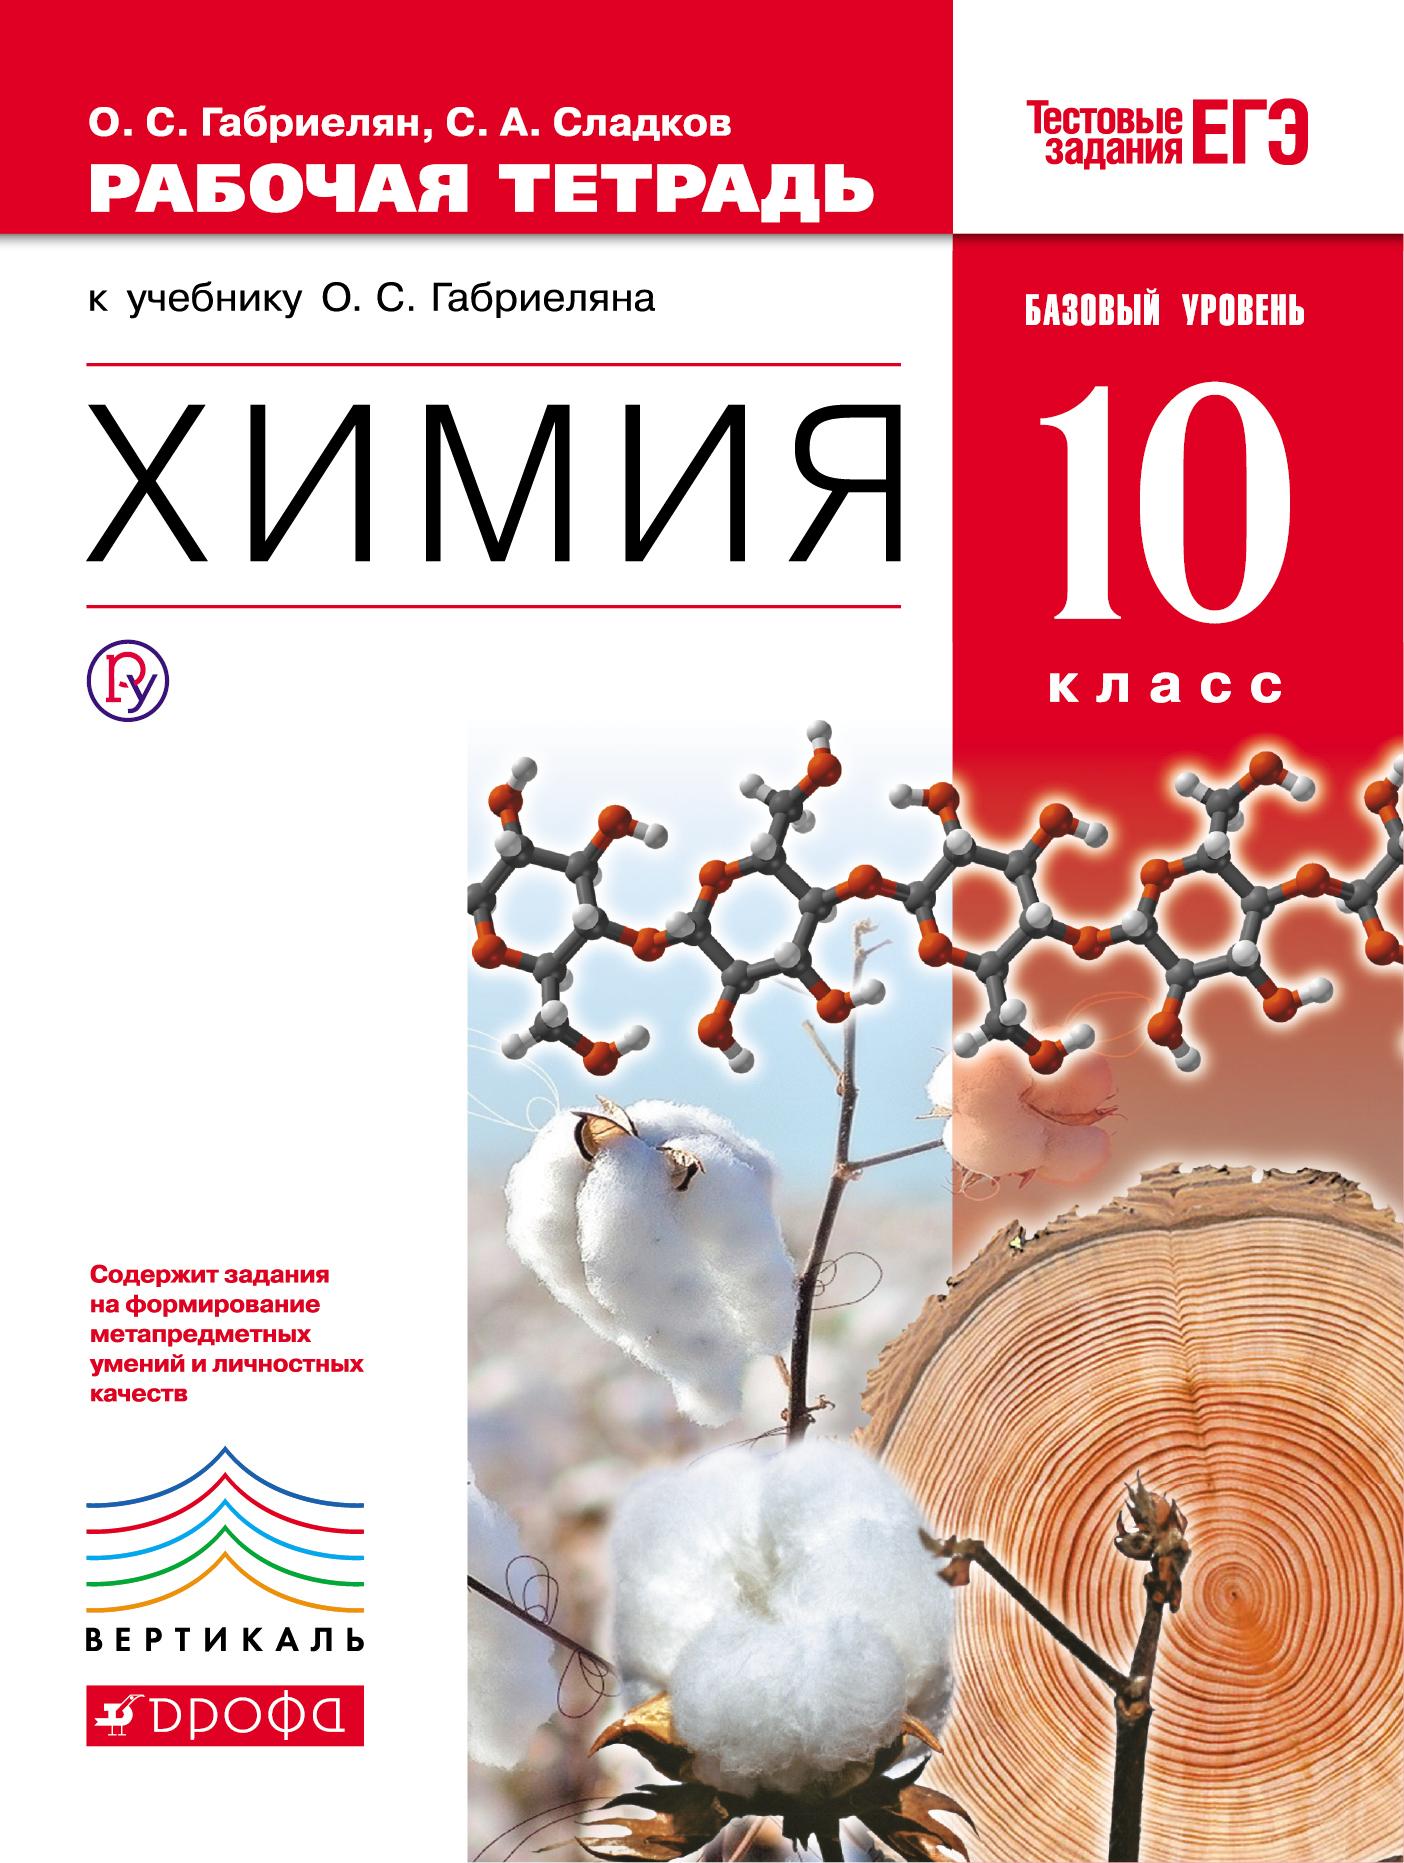 Химия. Базовый уровень. 10 класс. Рабочая тетрадь ( Габриелян О.С., Сладков С.А.  )